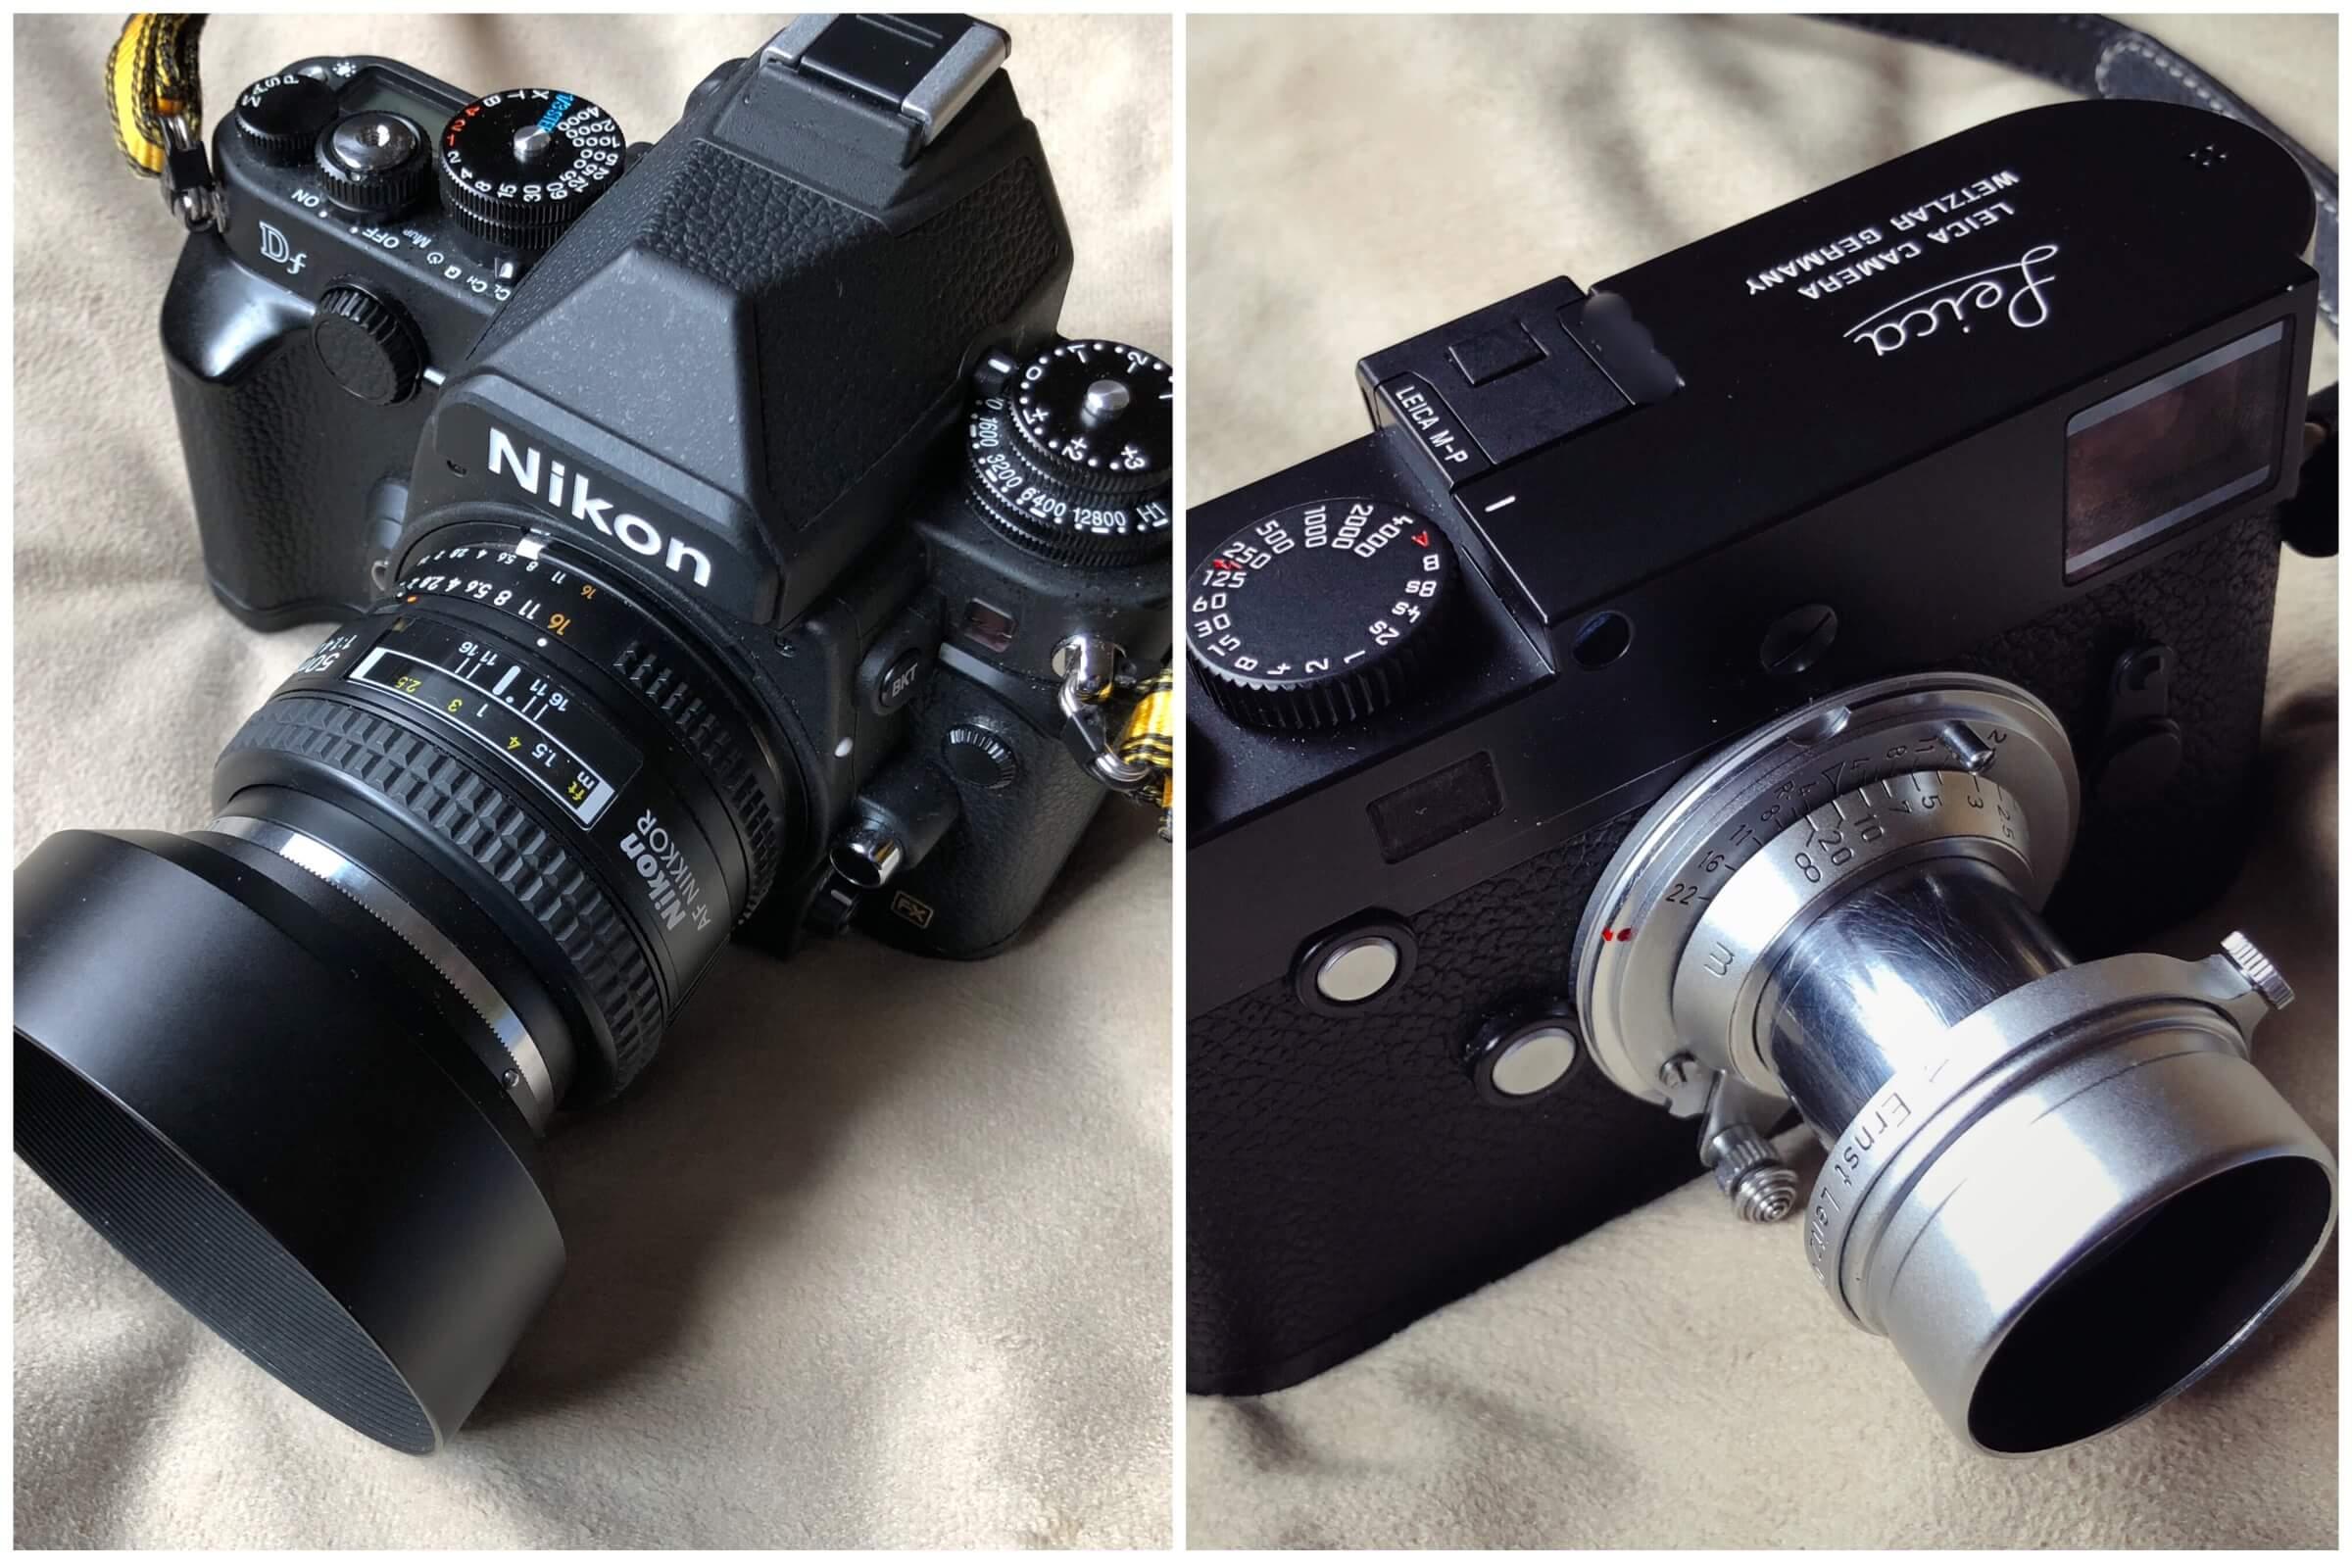 Nikon DfとLeica M-Pのおかげで、デジタルが身近な存在になった。